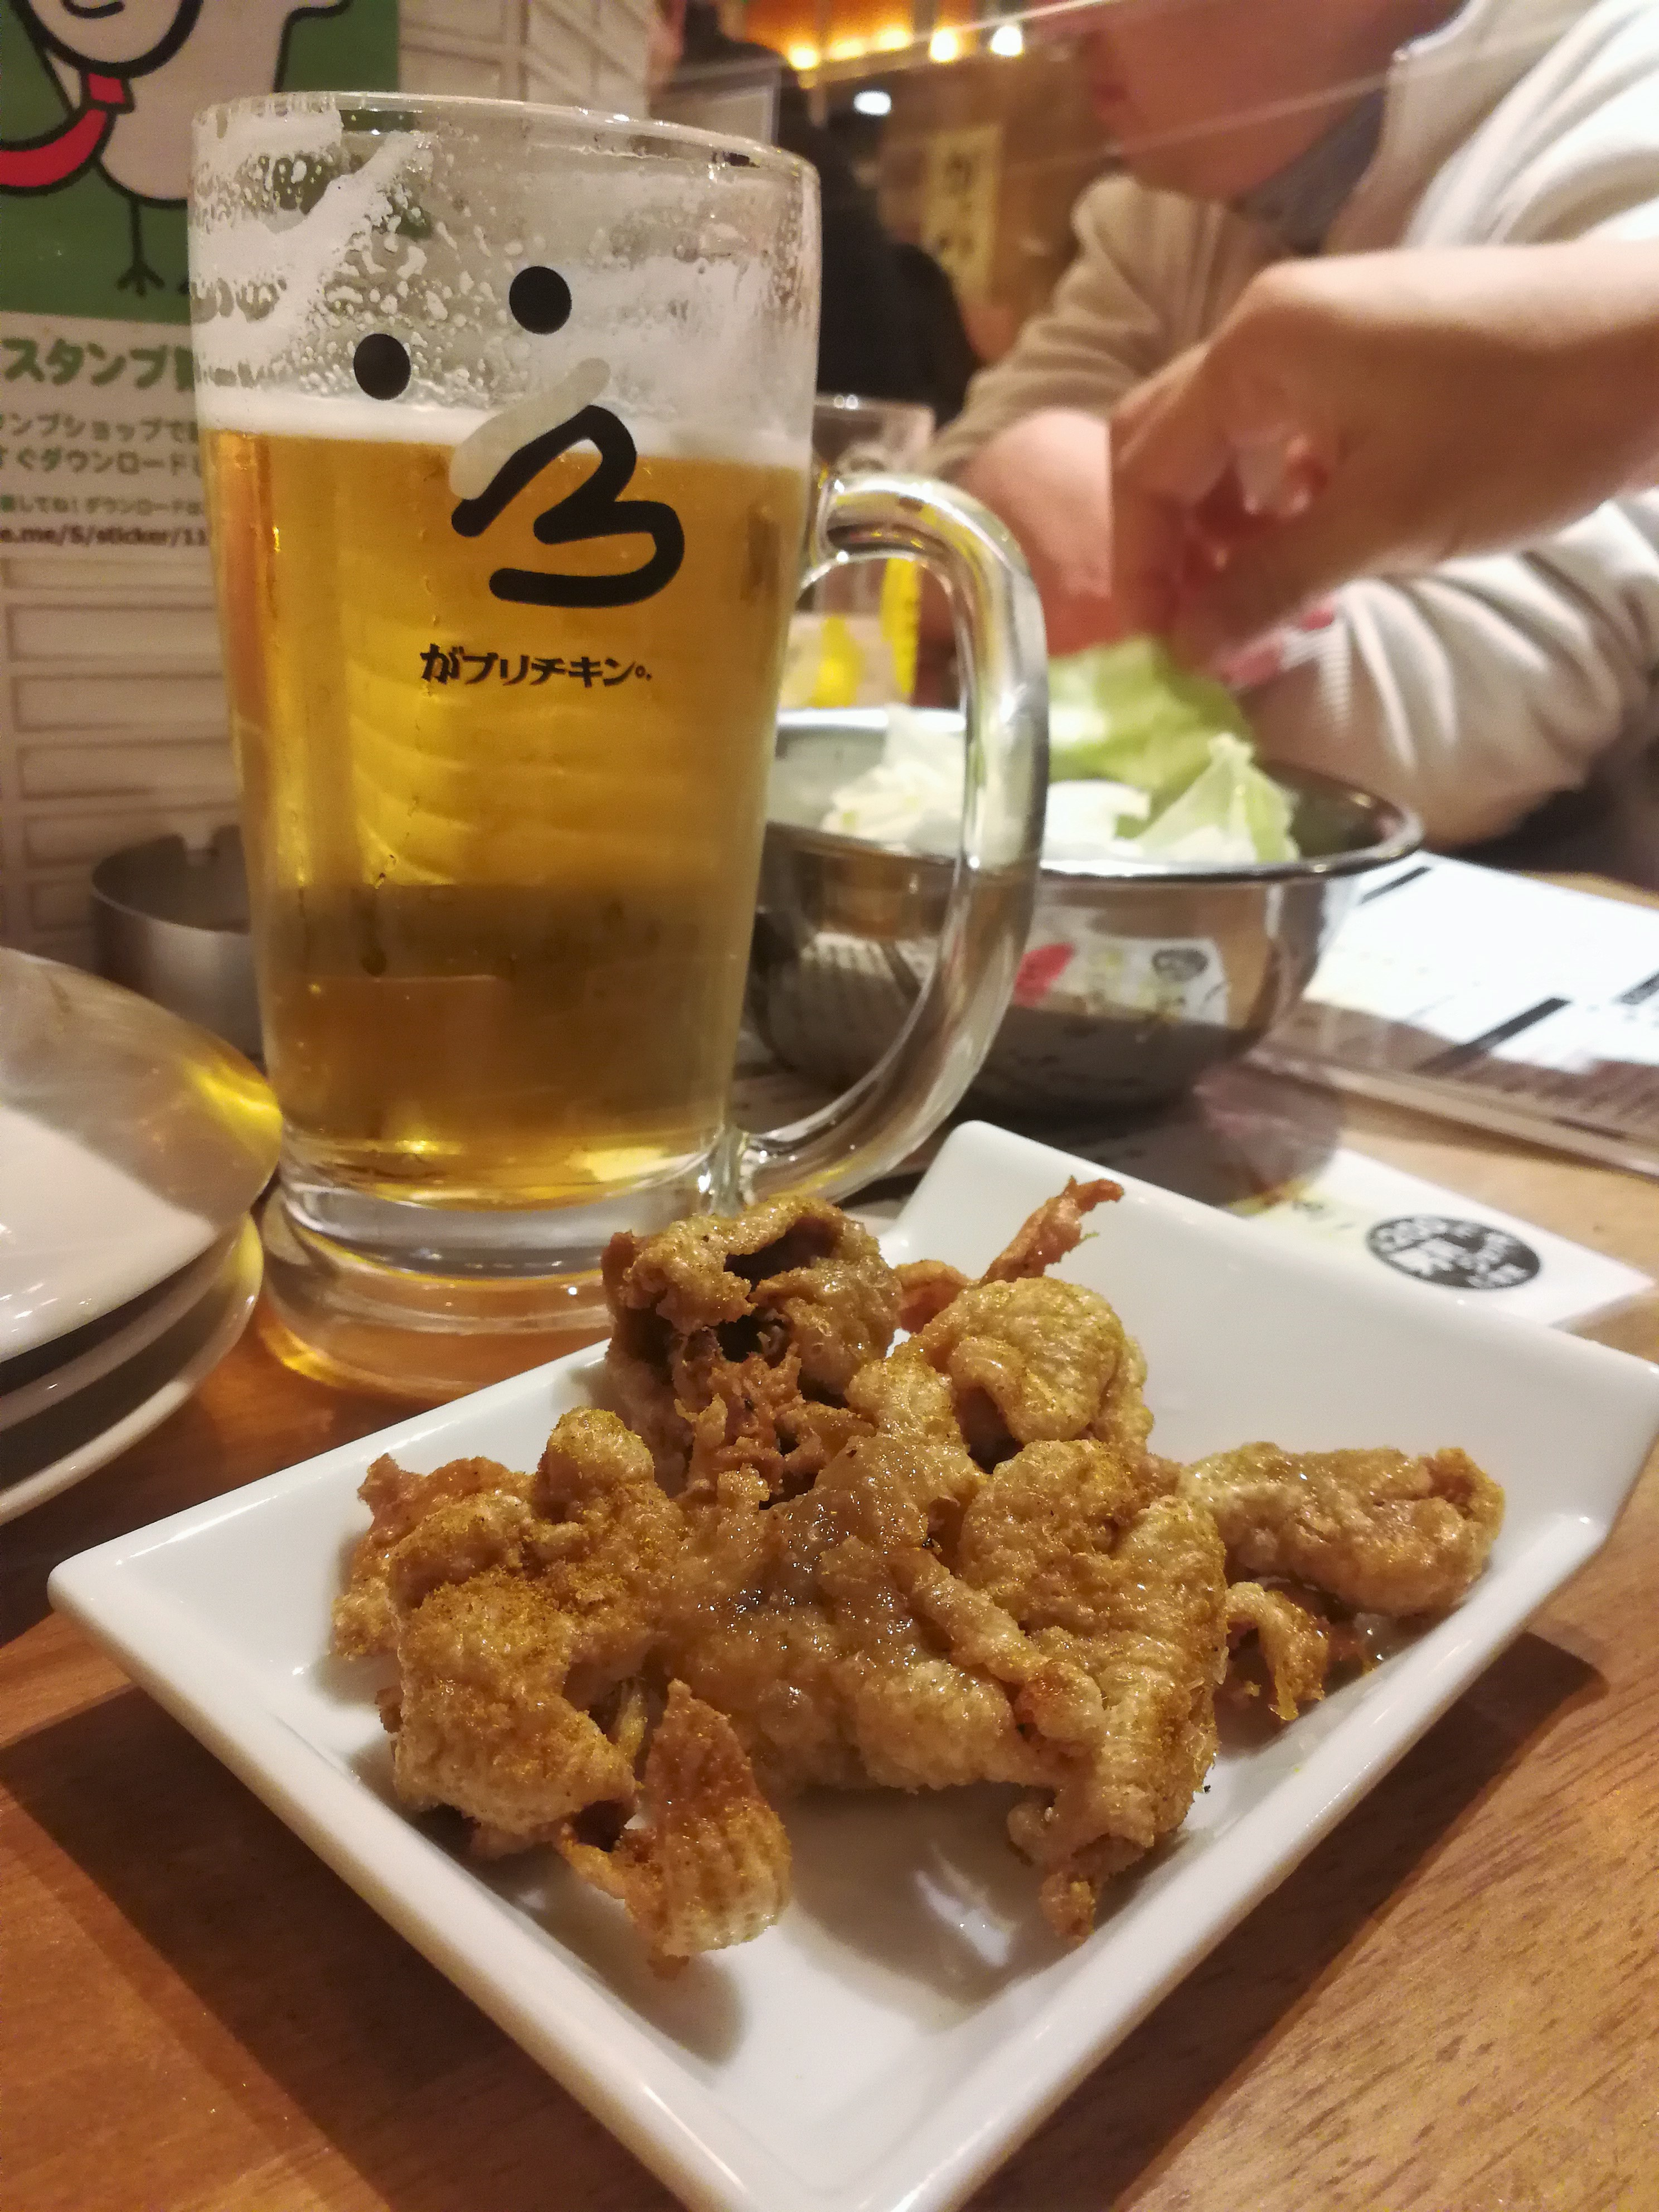 Csirketöpörtyű és sör